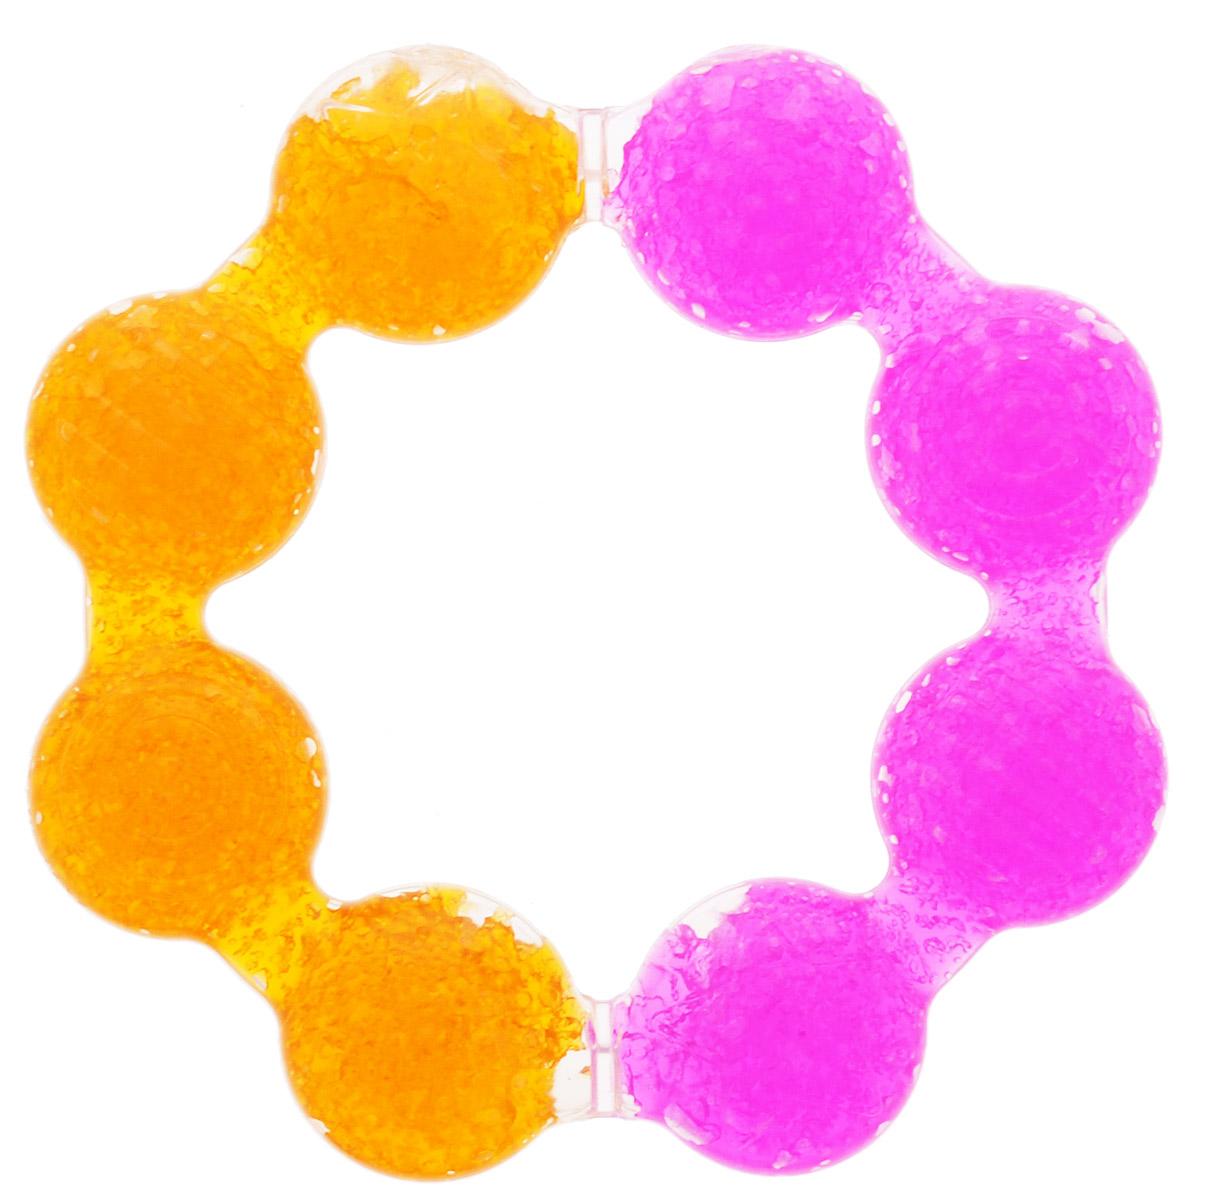 Munchkin Прорезыватель охлаждающий Цветок цвет розовый оранжевый11322_розовый, оранжевыйПрорезыватель охлаждающий Munchkin Цветок, изготовленный из прочного безопасного материала (не содержит бисфенол А), несомненно, понравится малышу. Благодаря тому, что прорезыватель наполнен гелем, в охлажденном состоянии он оказывает легкое анестезирующее действие, а поверхность прорезывателя мягко массирует десны малыша и уменьшает дискомфорт при появлении зубов. Форма прорезывателя в виде кольца удобна для маленьких детских ручек. Прорезыватель Munchkin Цветок развивает мелкую моторику, воображение, концентрацию внимания и цветовое восприятие ребенка.